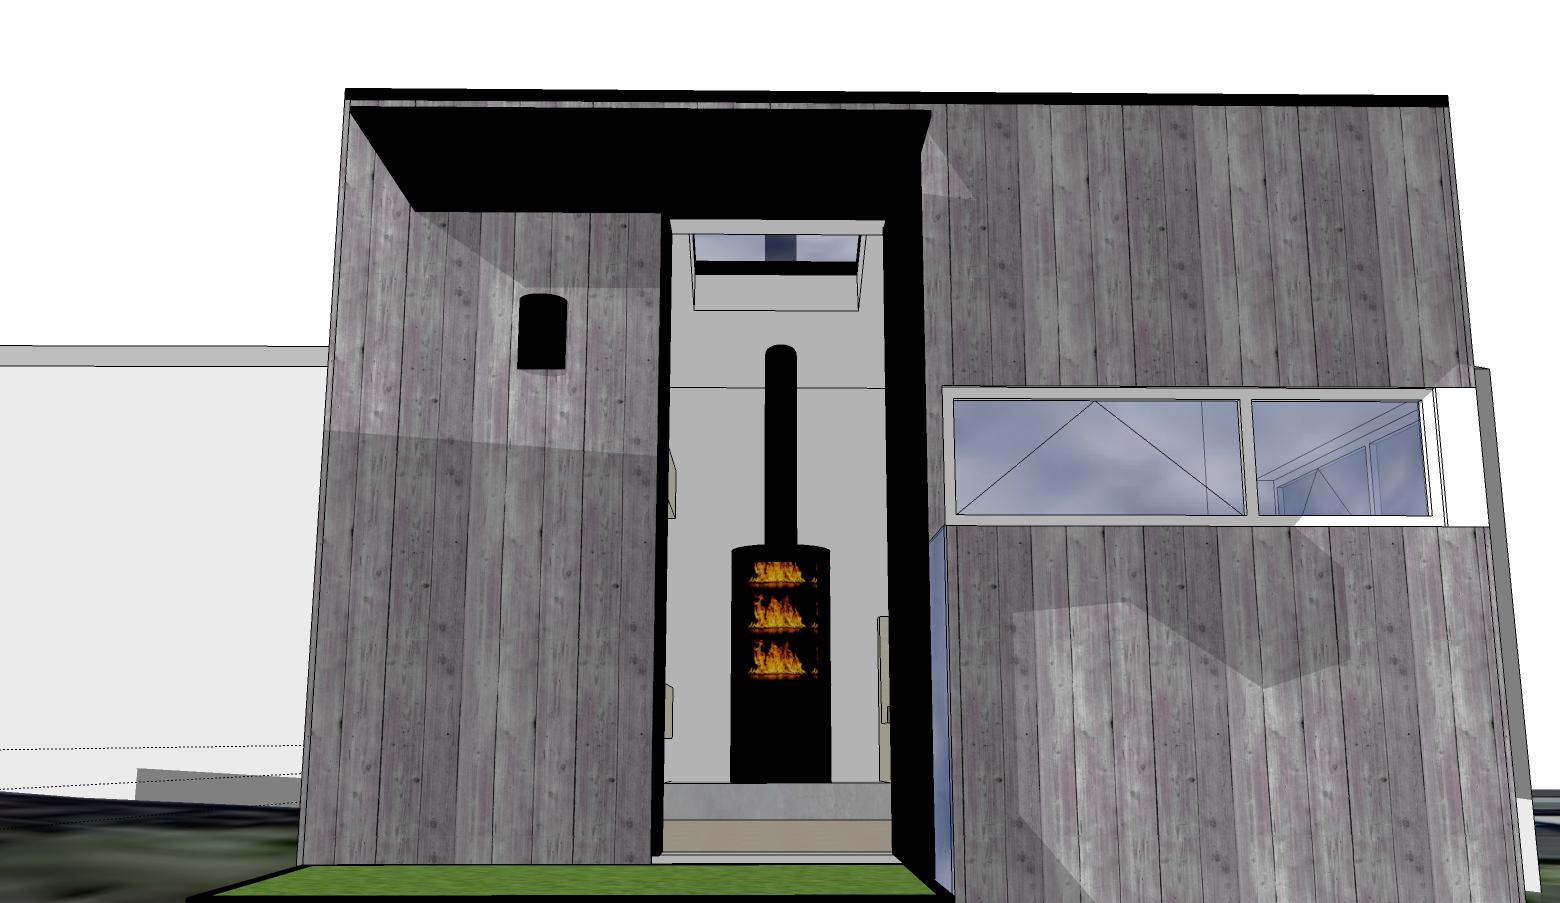 lorentz bunkhouse view through front door.jpg